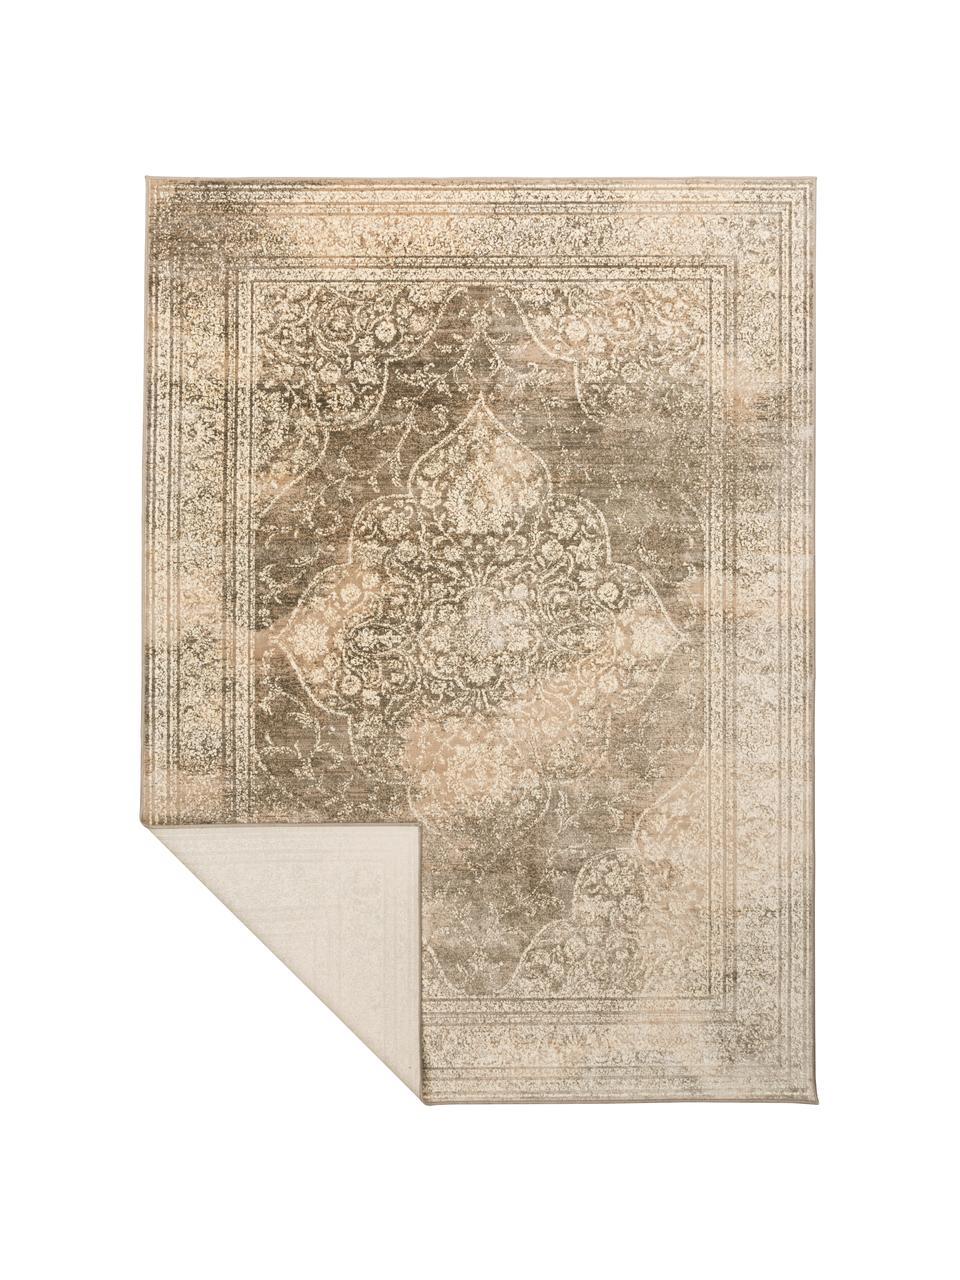 Vintage Teppich Rugged in Beigetönen, 66% Viskose, 25% Baumwolle, 9% Polyester, Beige, Braun, B 170 x L 240 cm (Größe M)